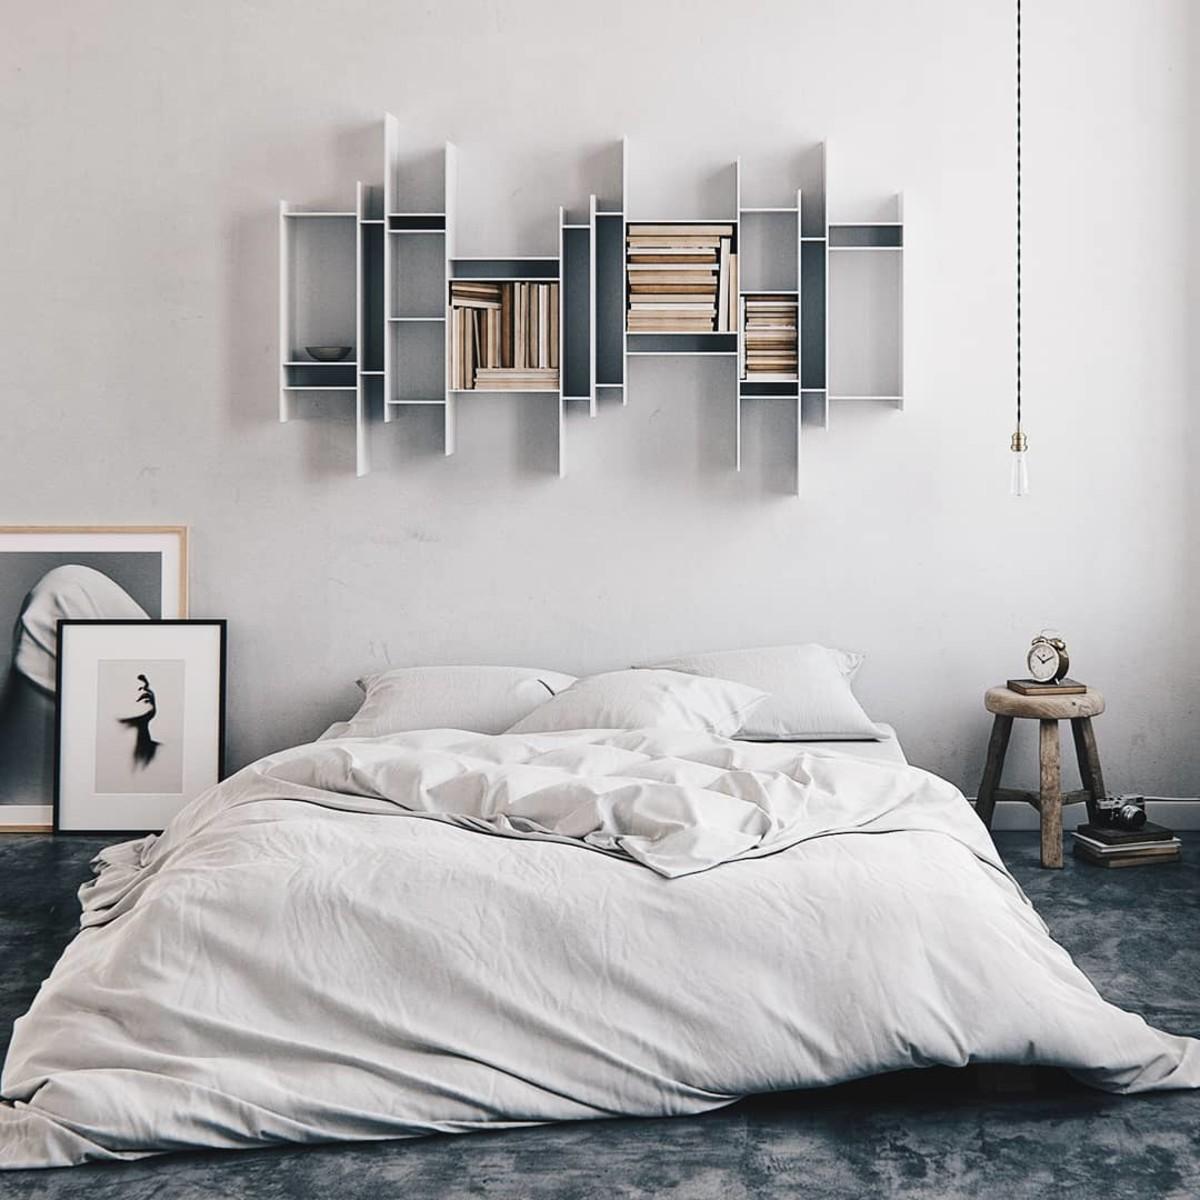 室内设计优秀作品集锦(13)